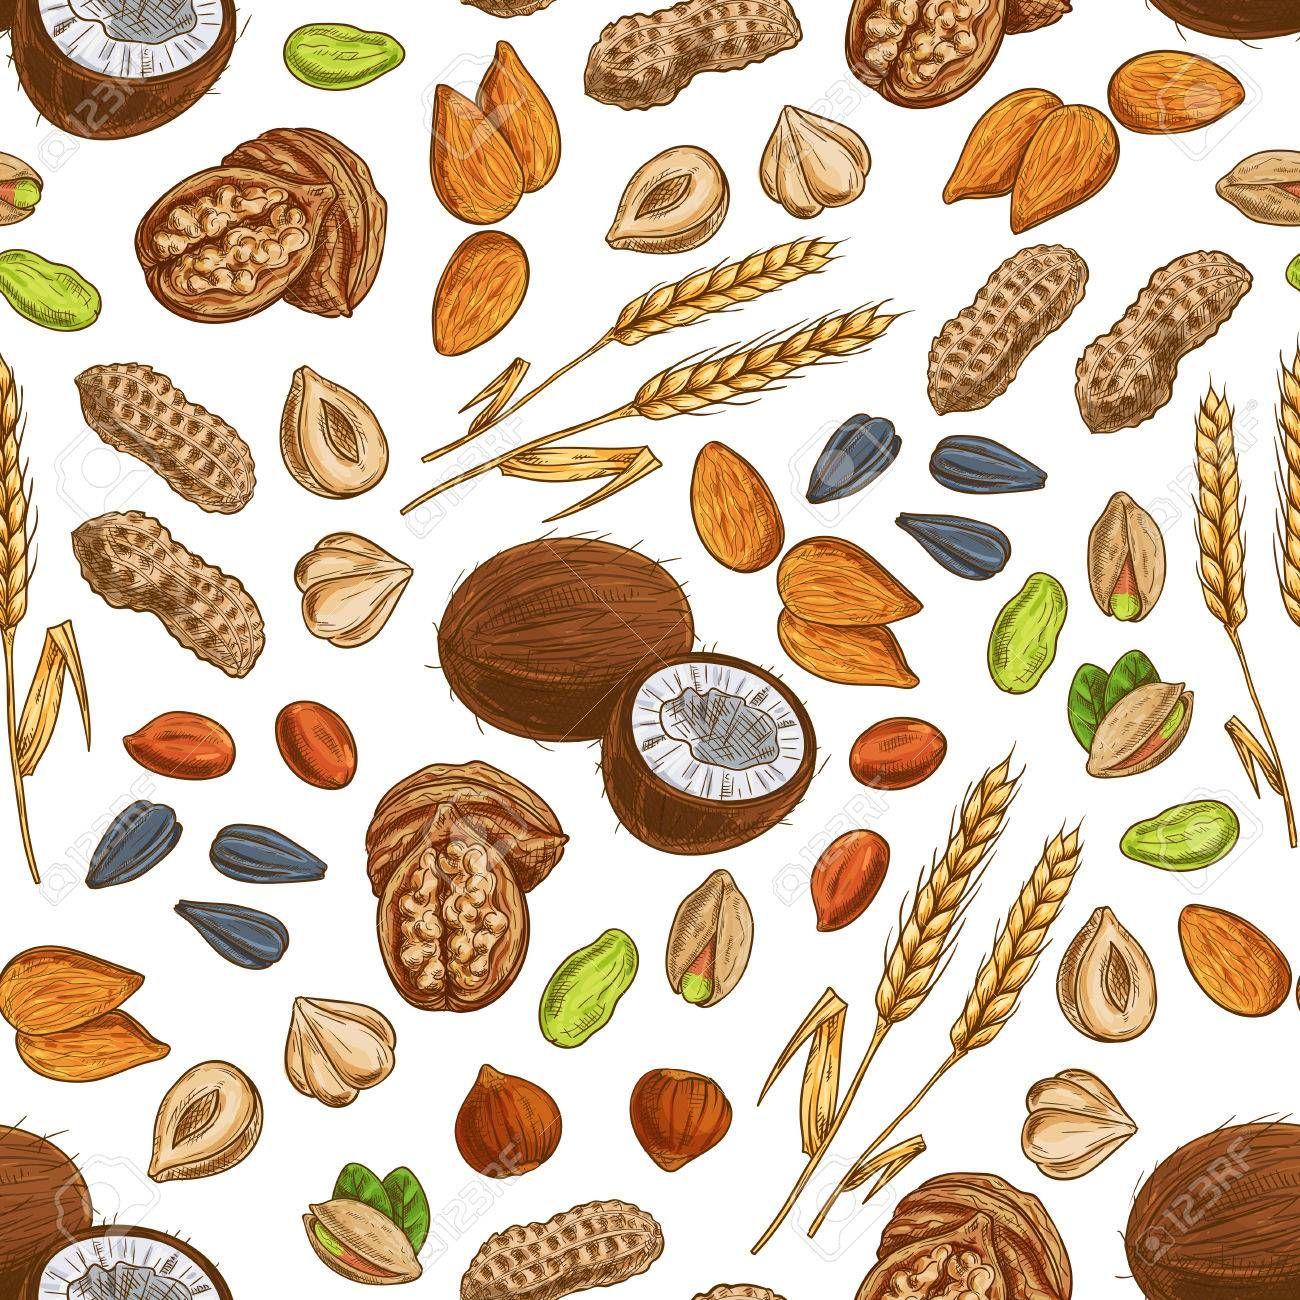 Resultado De Imagen Para Legumbres Frutos Secos Y Cereales Y Sus Derivados En Dibujos Animado En Uno Legumbres Dibujos Dibujos Animados